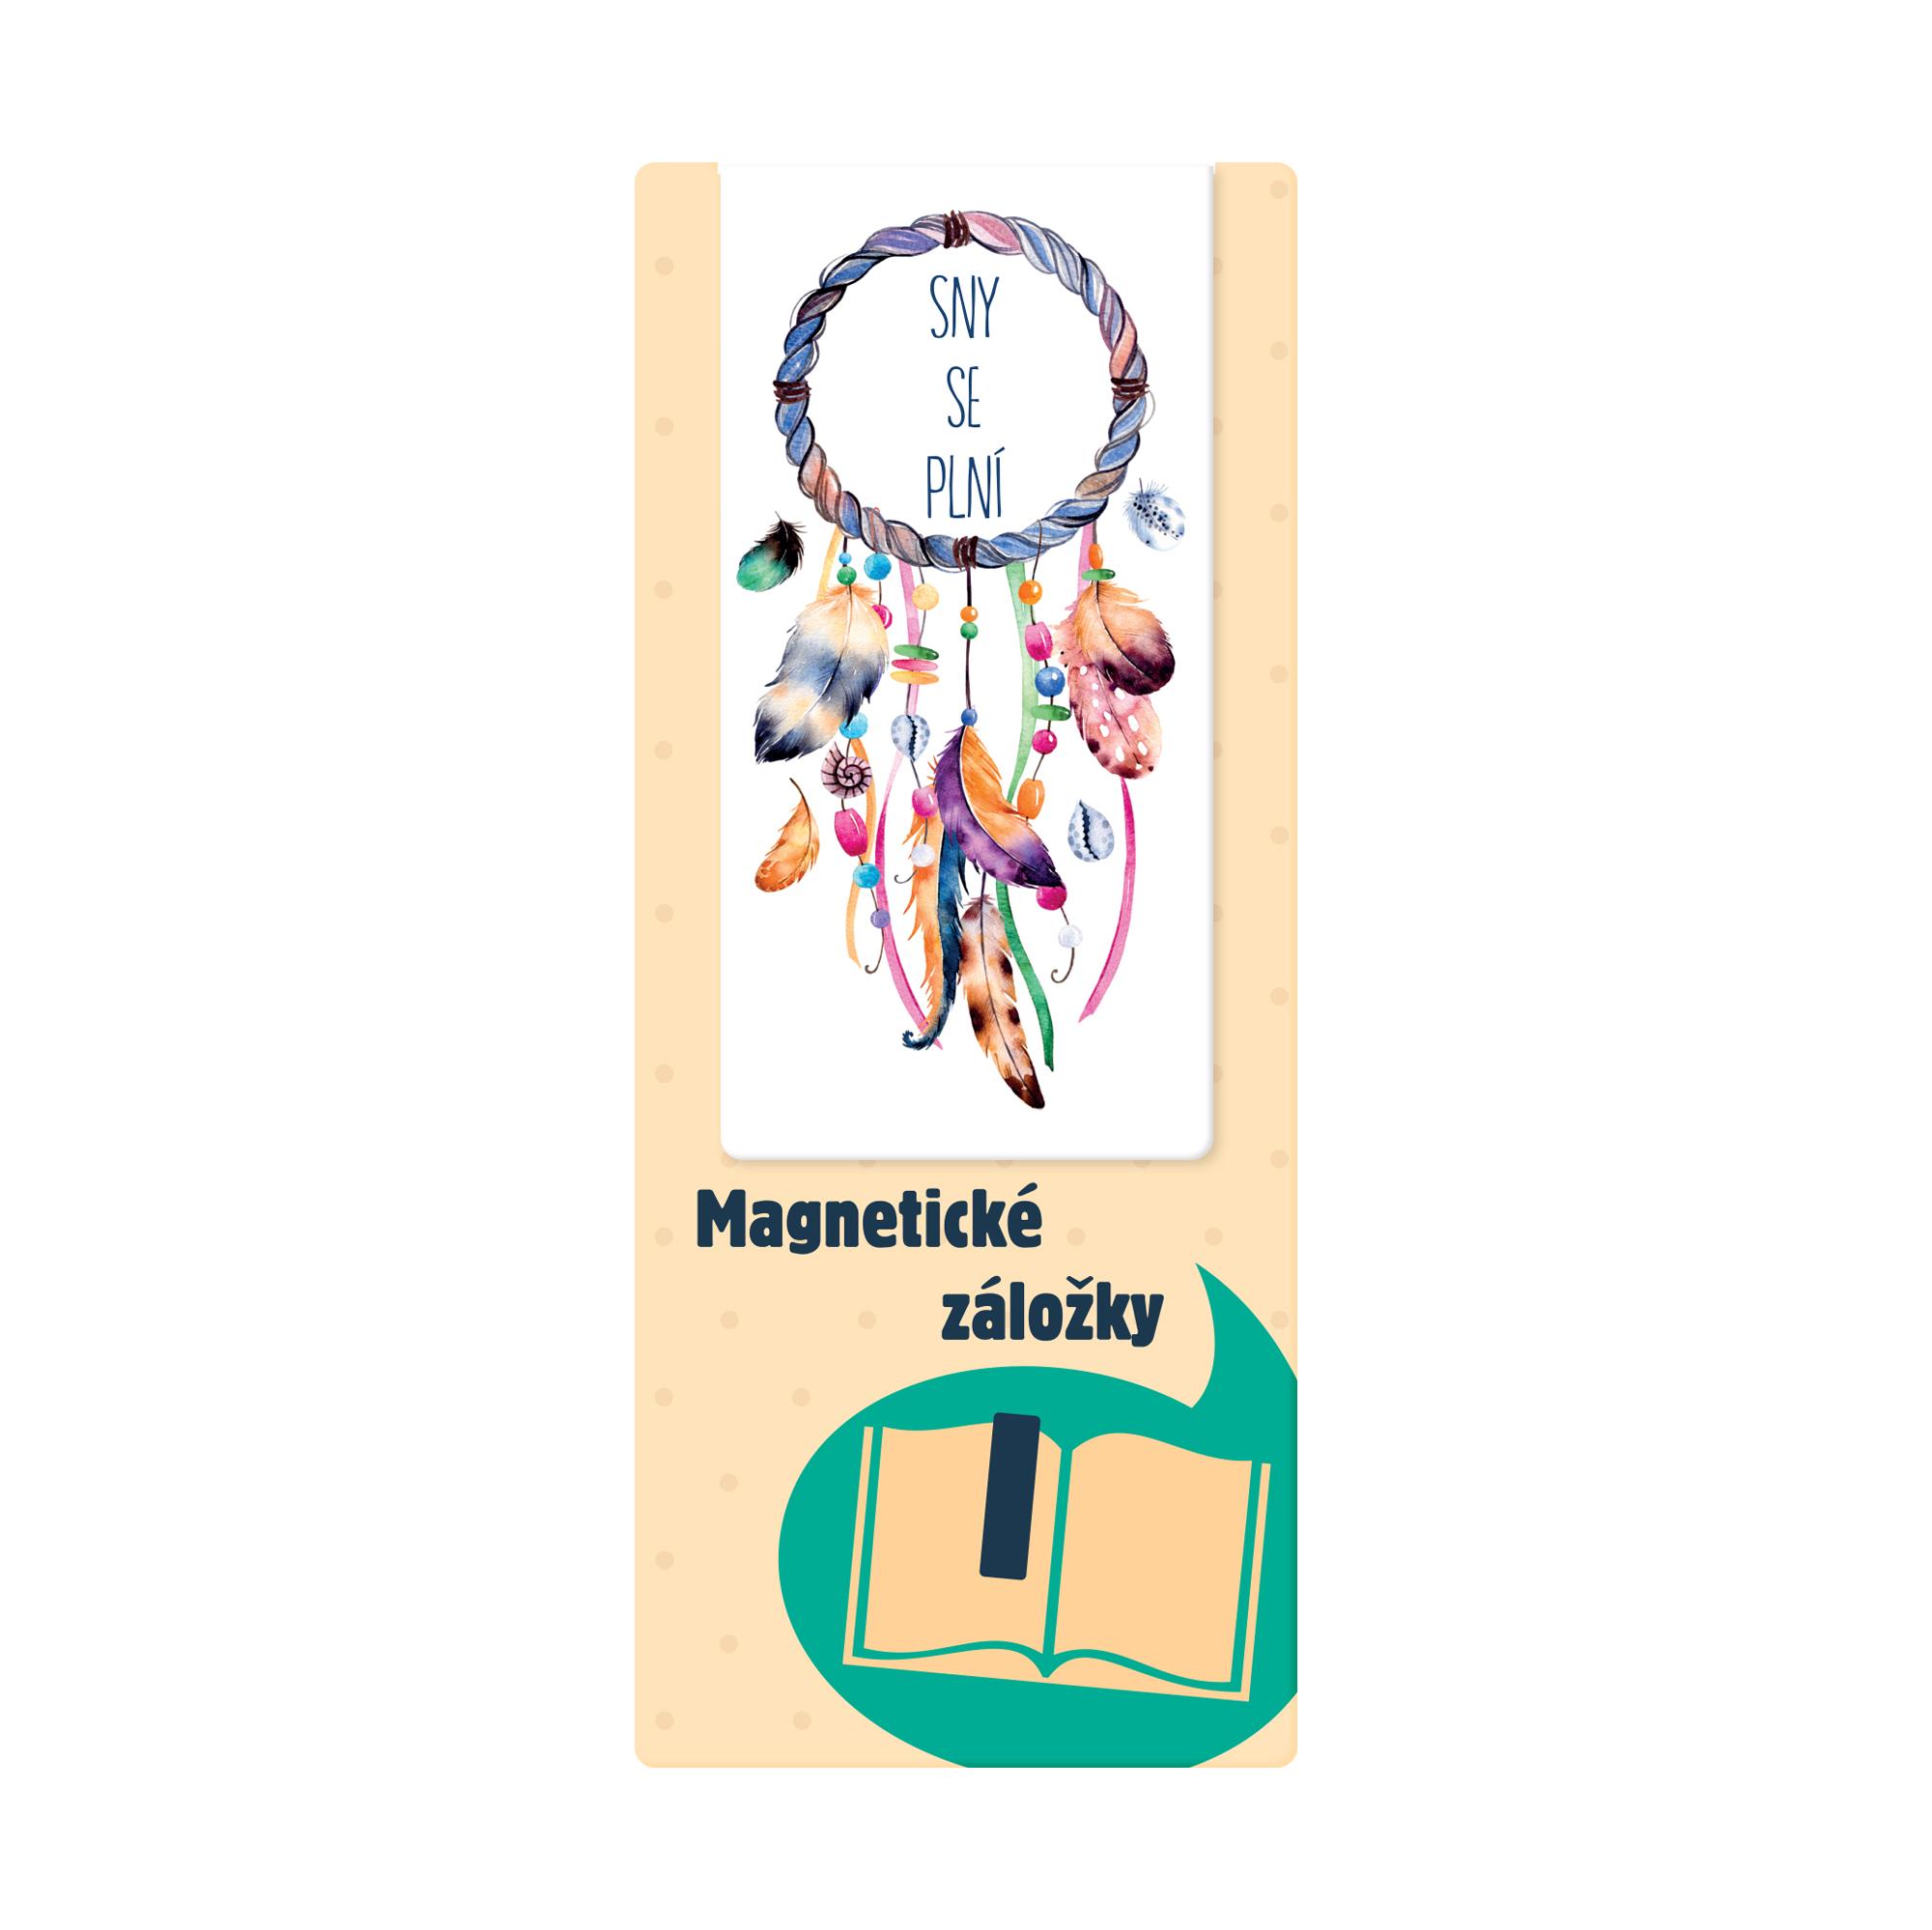 Magnetická záložka - Lapač snů